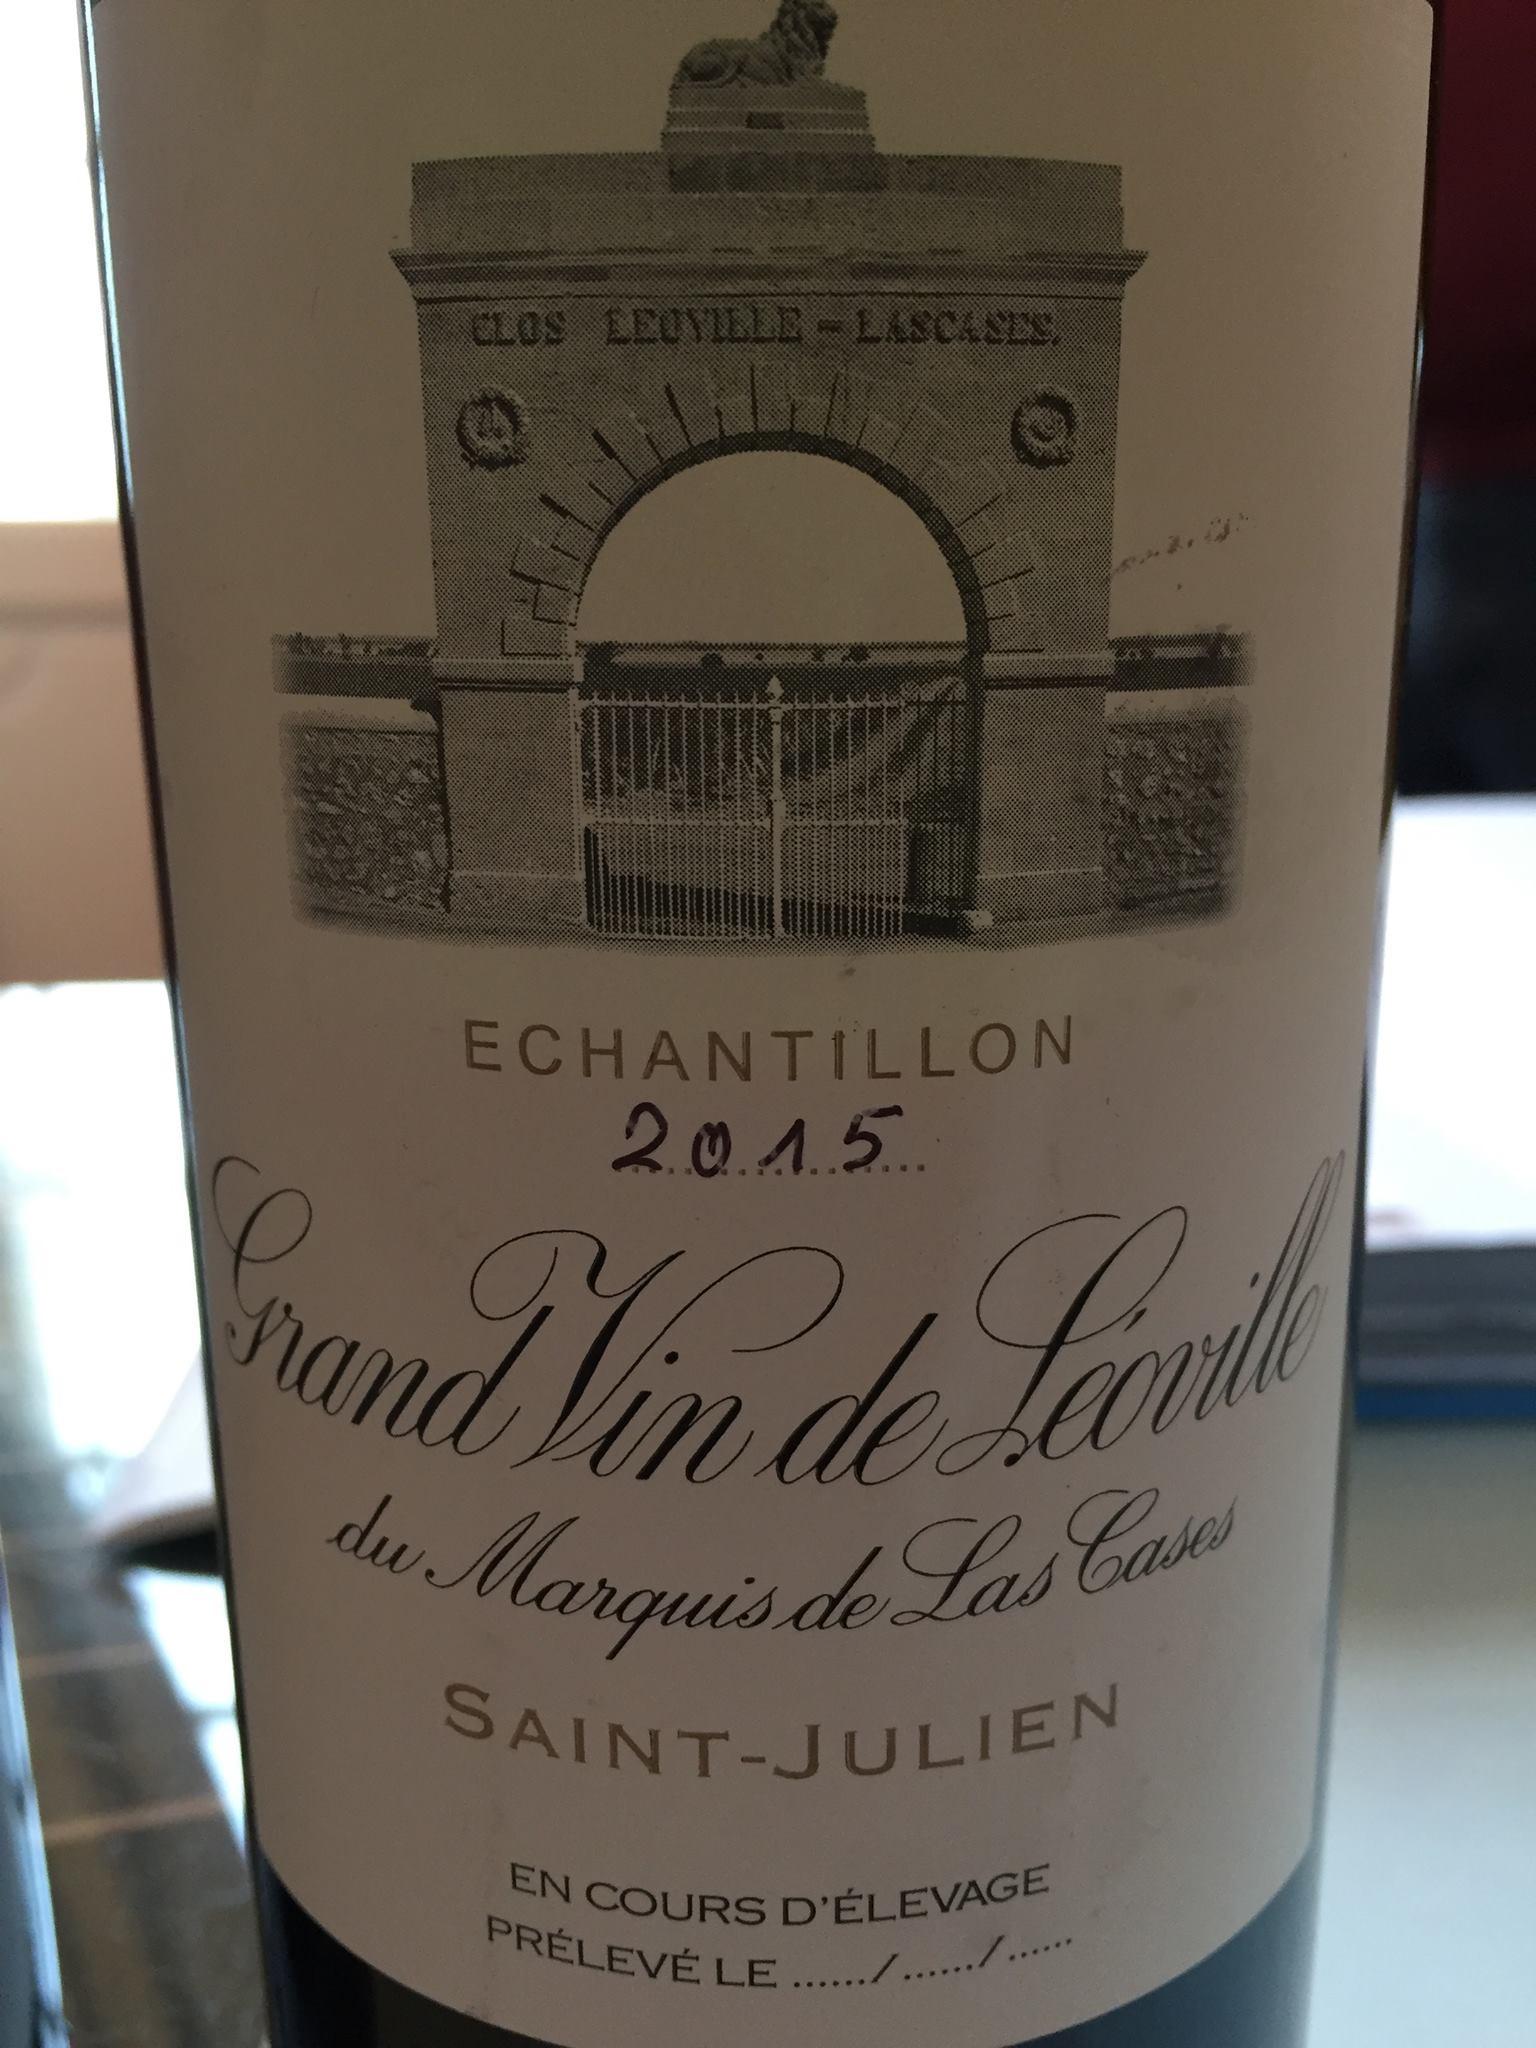 Grand Vin de Léoville du Marquis de Las Cases 2015 – Saint-Julien, Grand Cru Classé